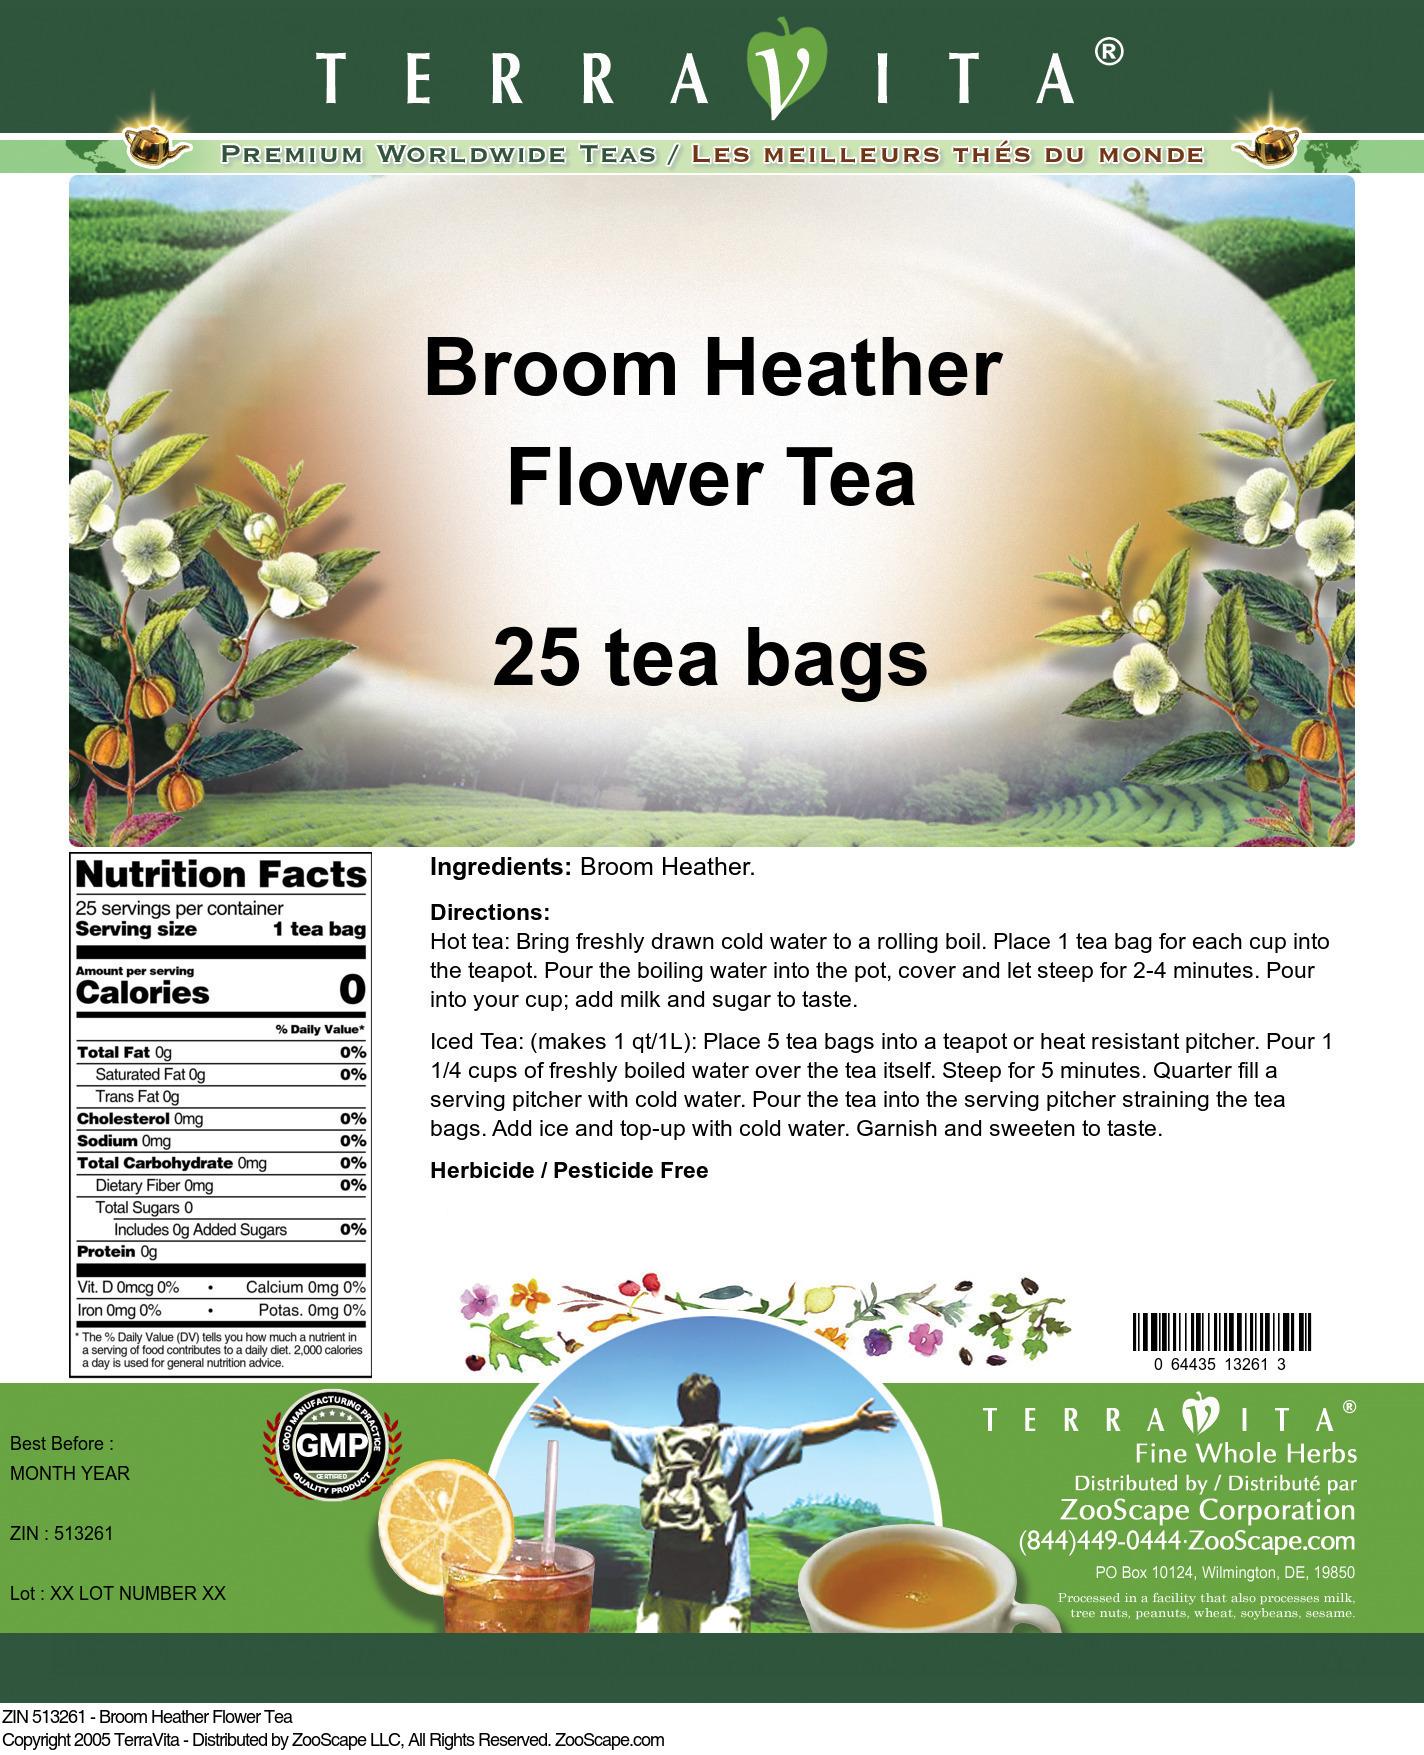 Broom Heather Flower Tea